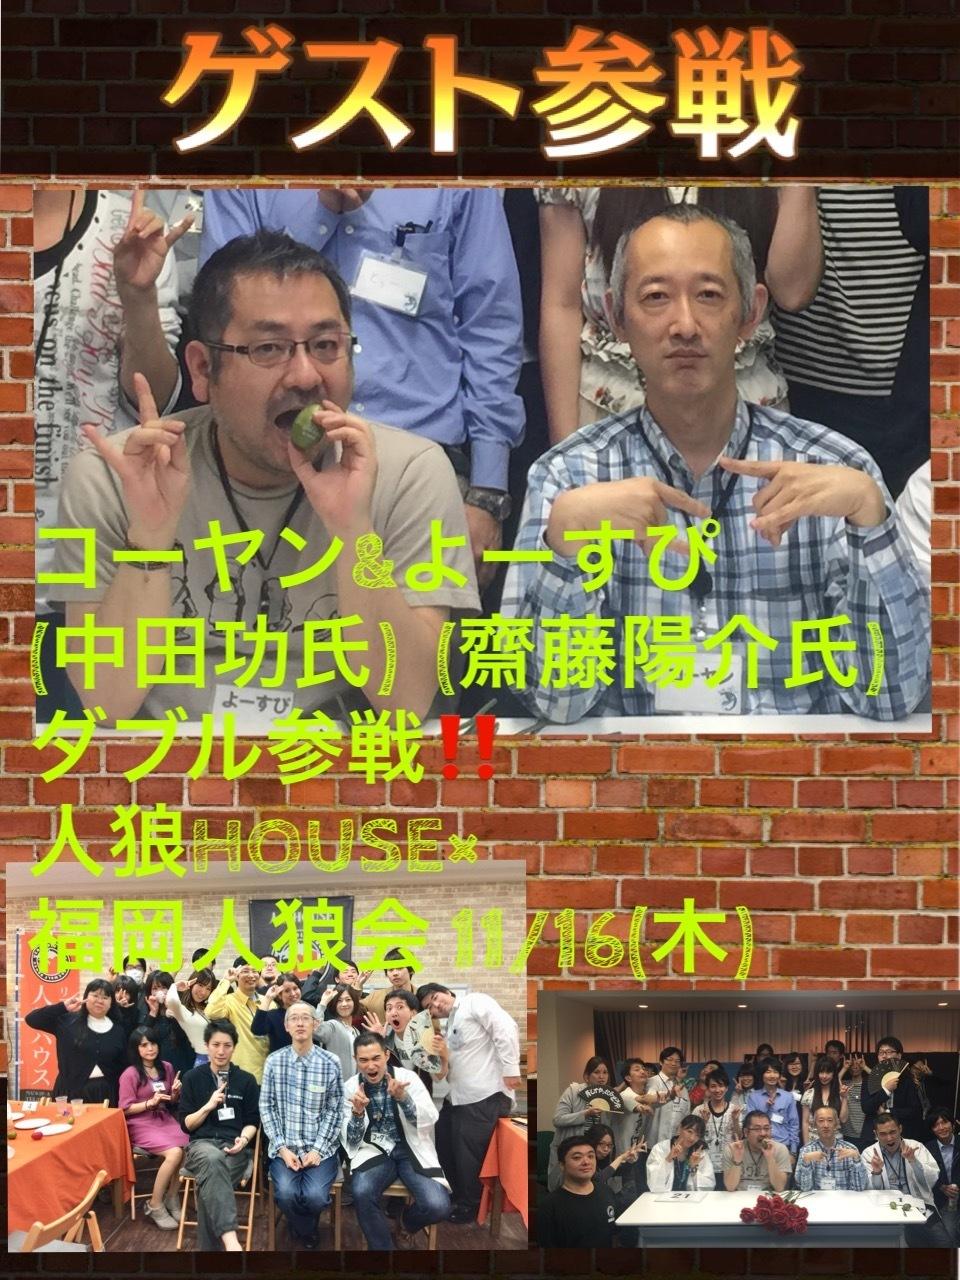 スペシャル人狼イベント第三弾(人狼HOUSE福岡×福岡人狼会)